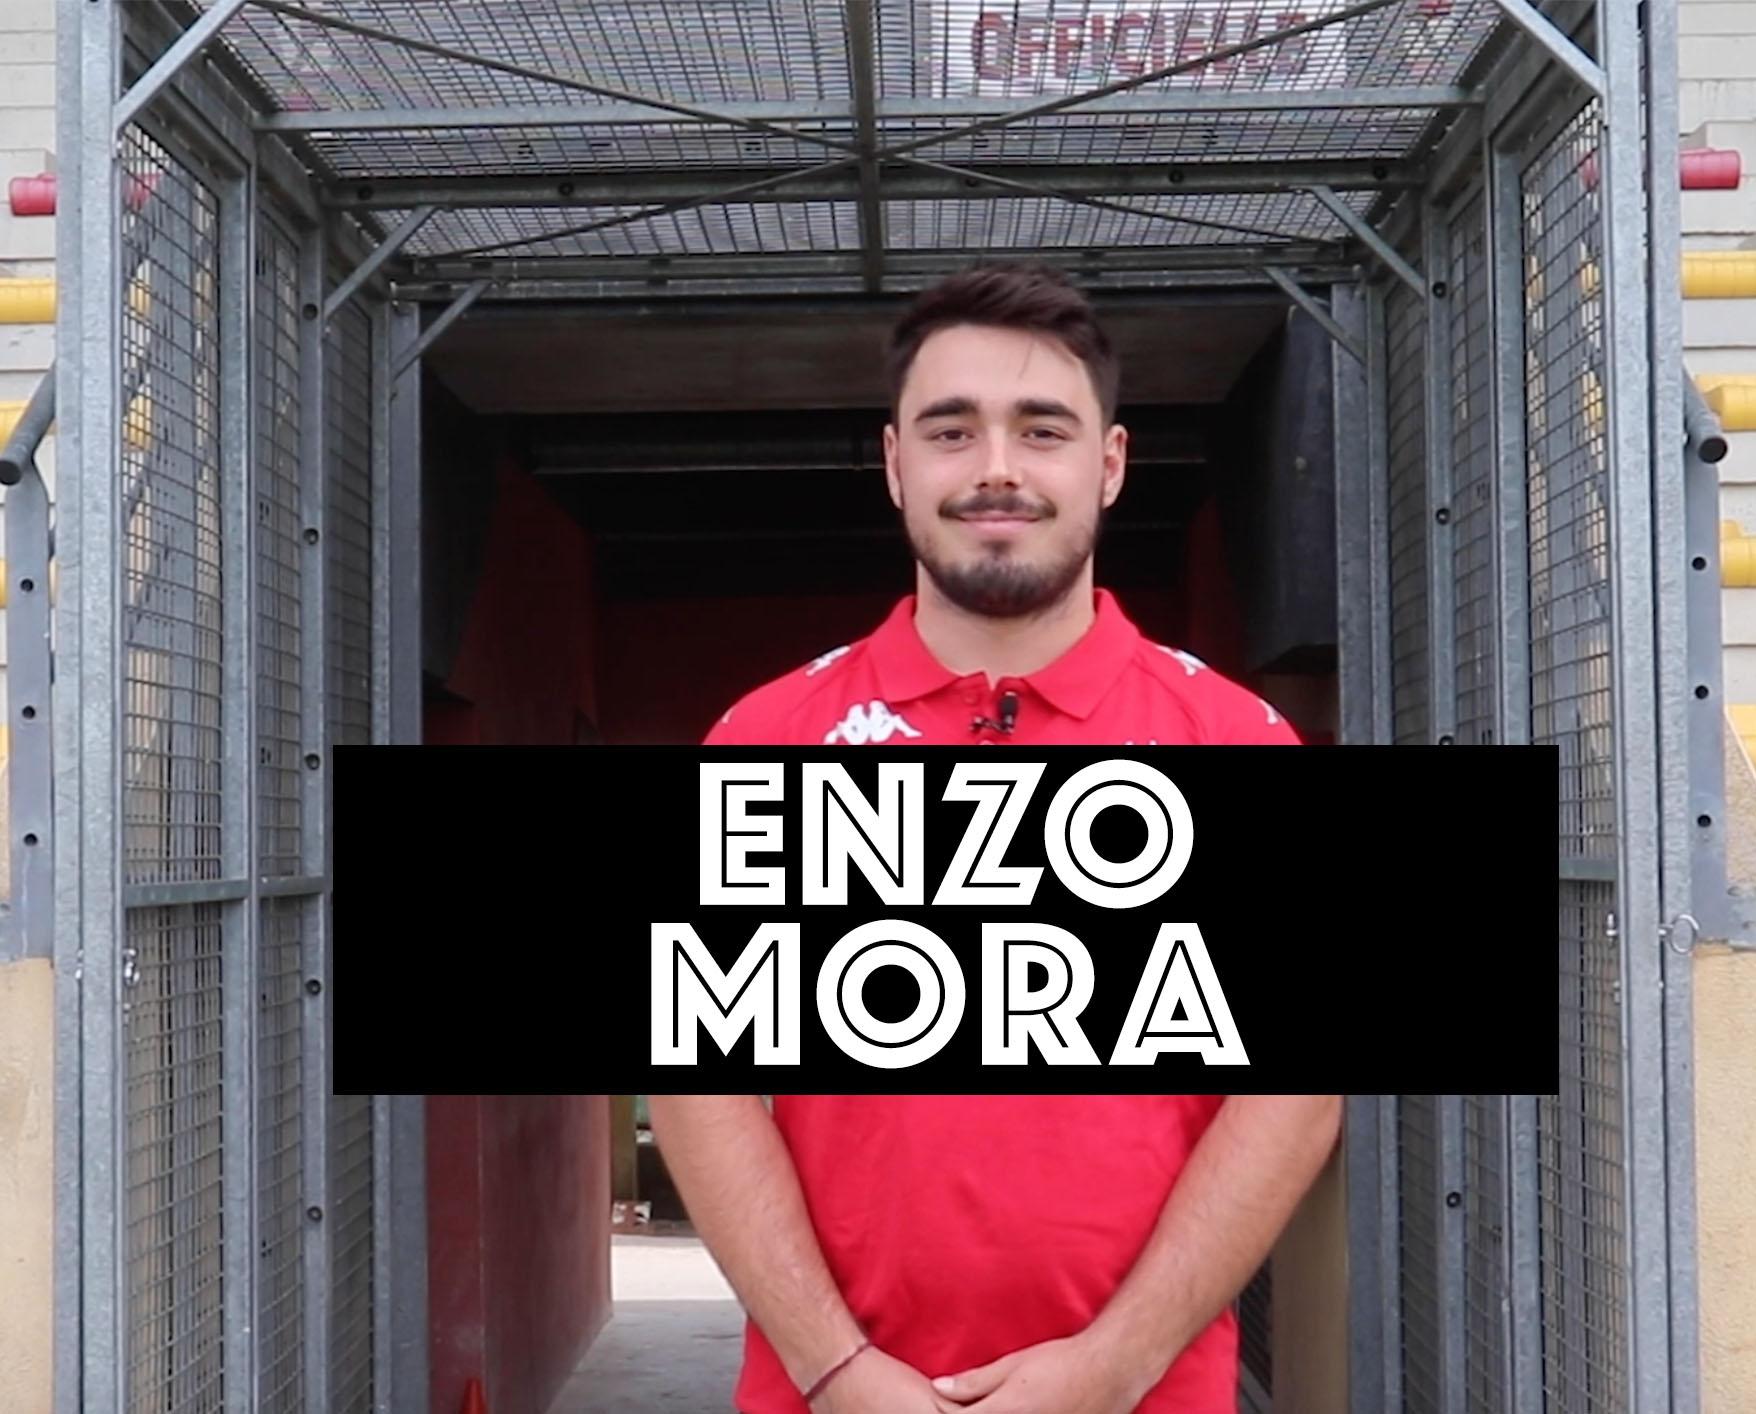 Enzo Mora veut prouver qu'il y a du talent